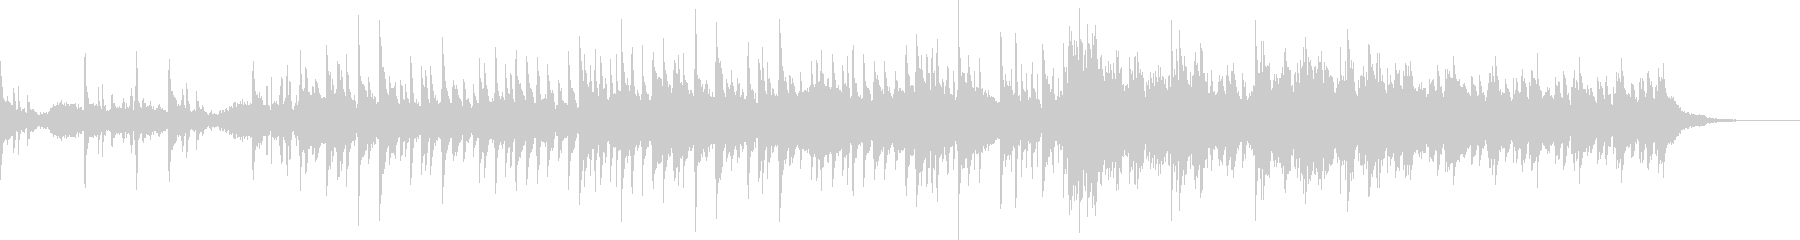 切ない感情を描写するピアノの未再生の波形